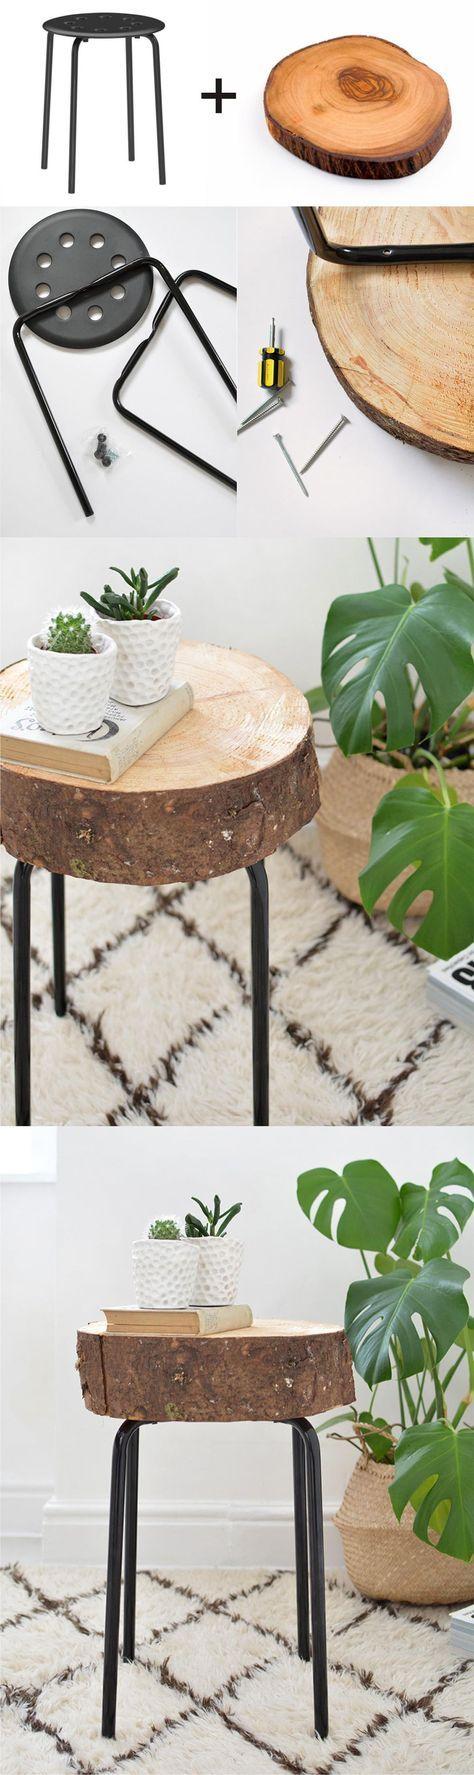 Ben jij ook zo gek op IKEA Hacks? Dan vind je deze DIY vast heel leuk. Want hoe cool is deze designtafel gemaakt van de Marius kruk van IKEA.